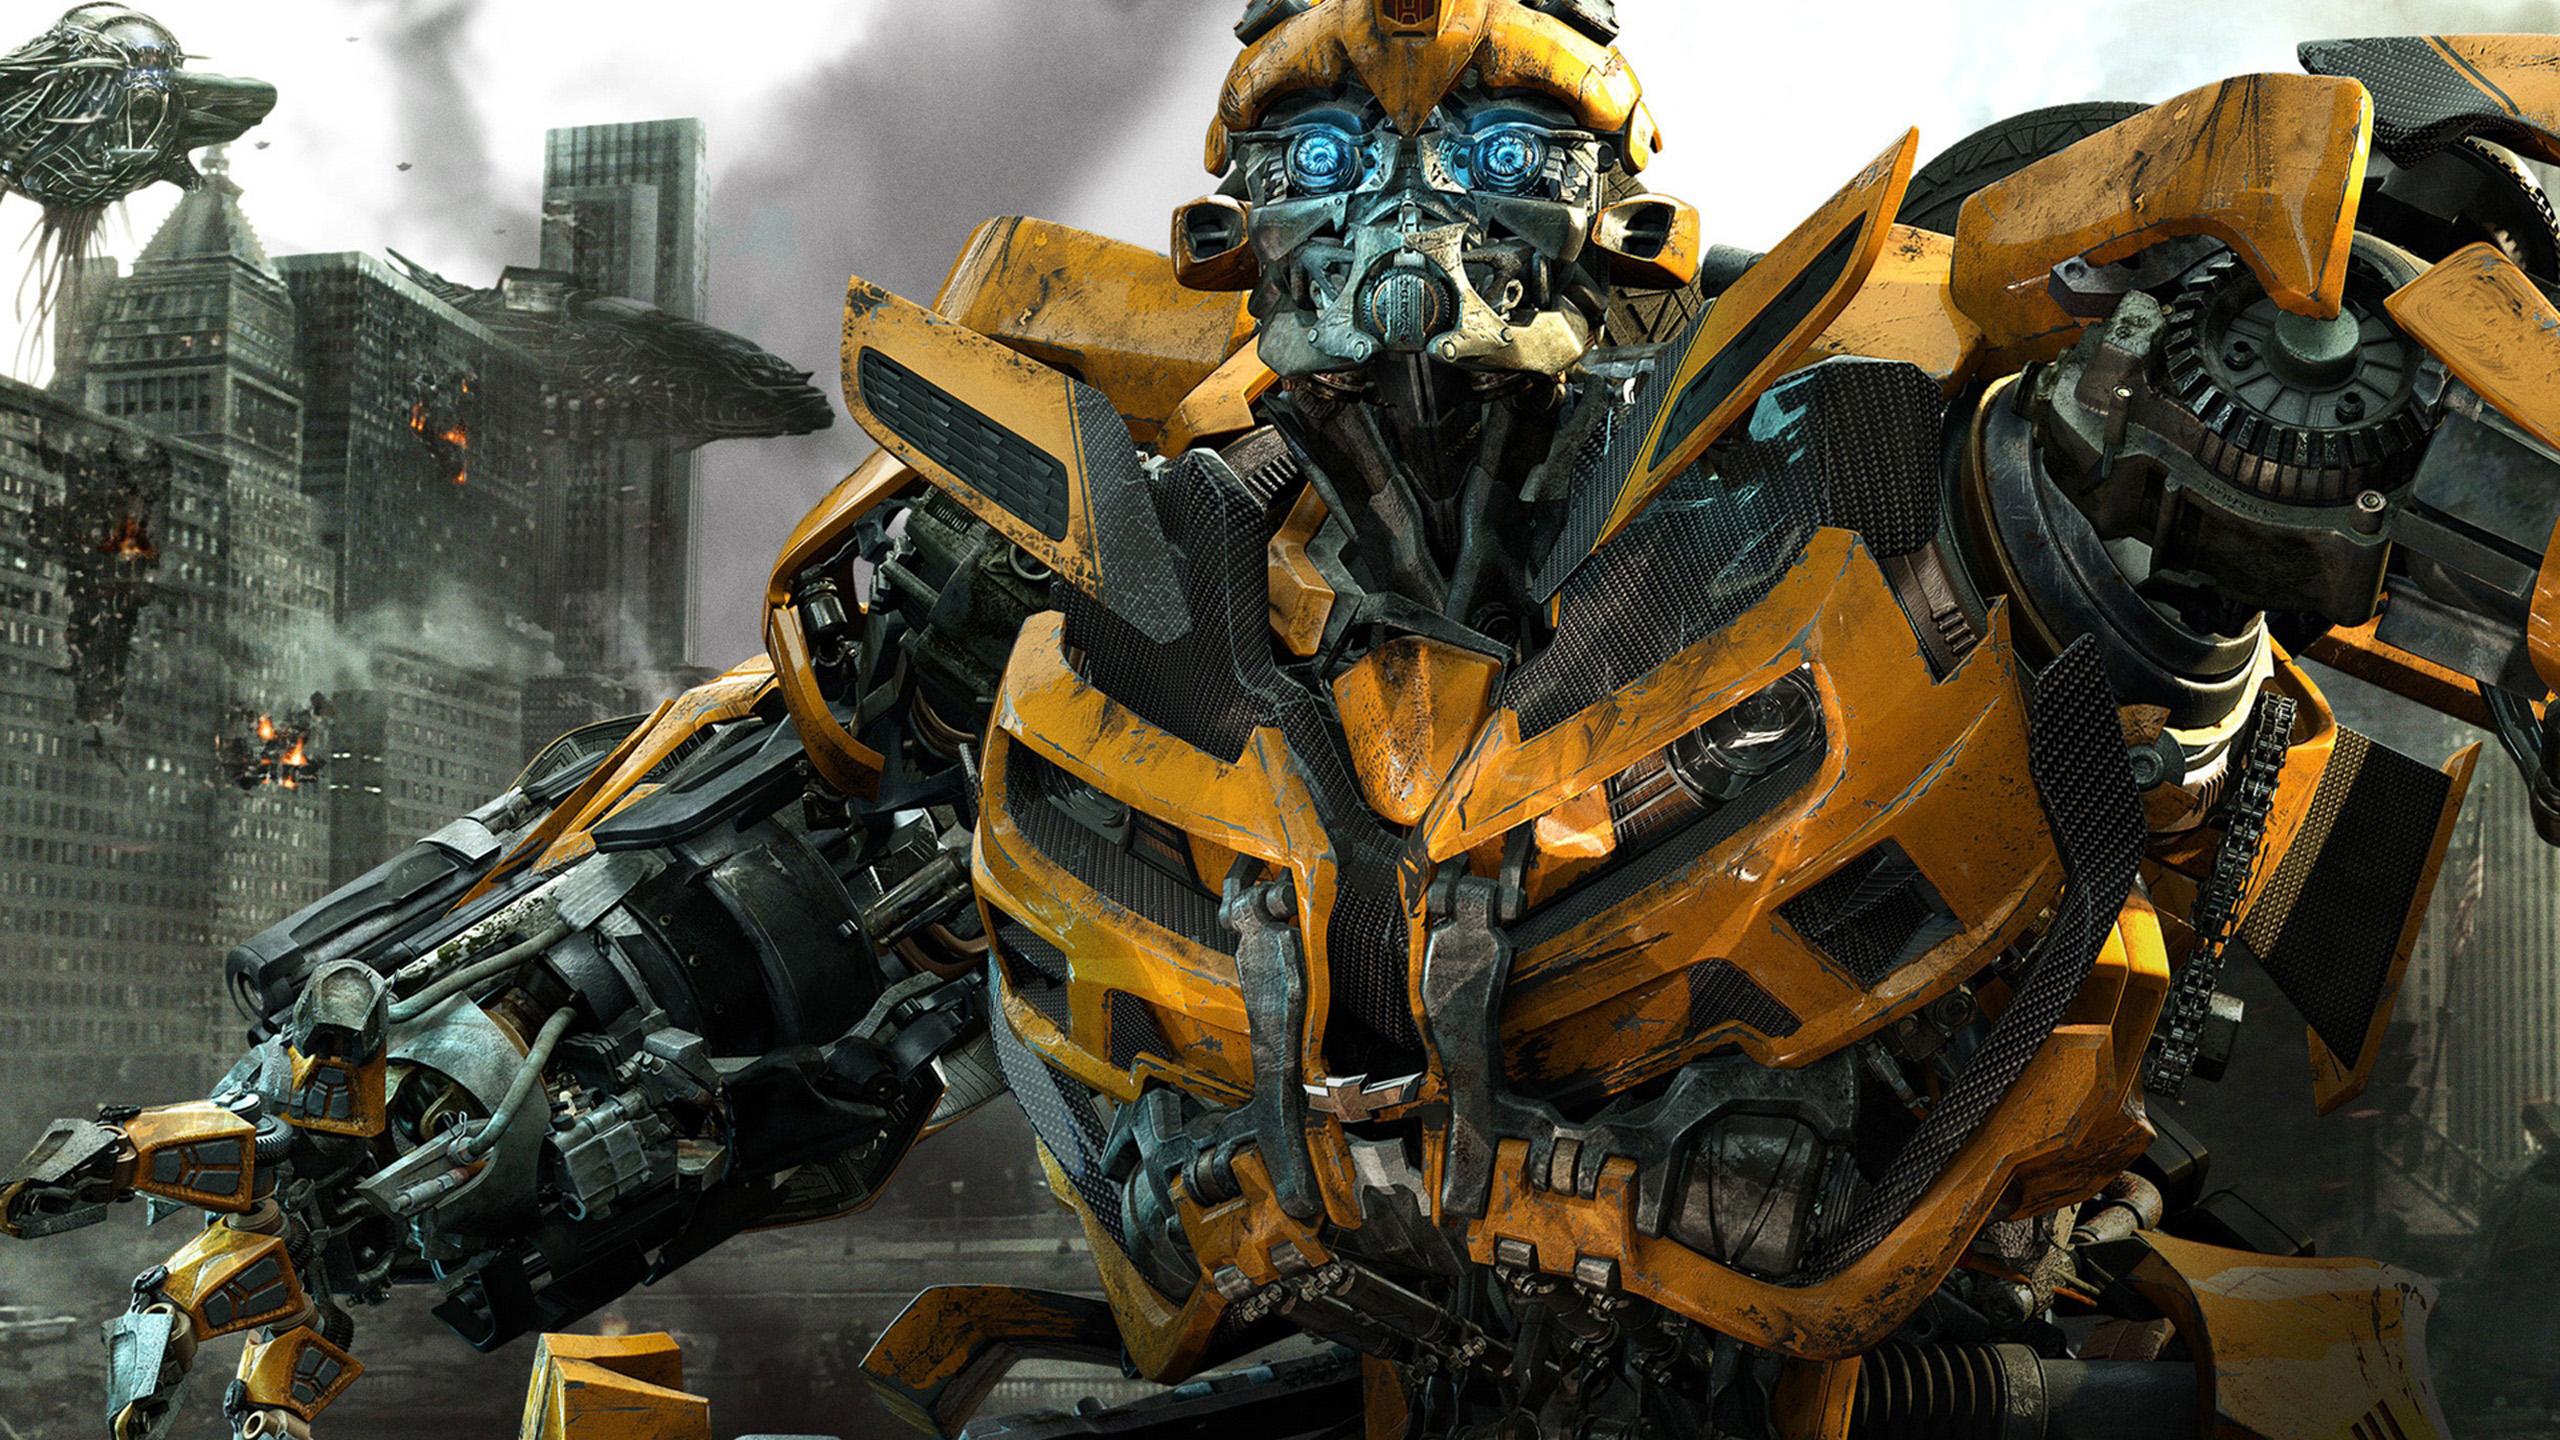 Pics Photos   Transformers Bumblebee Autobots Hd Wallpaper 2560x1440